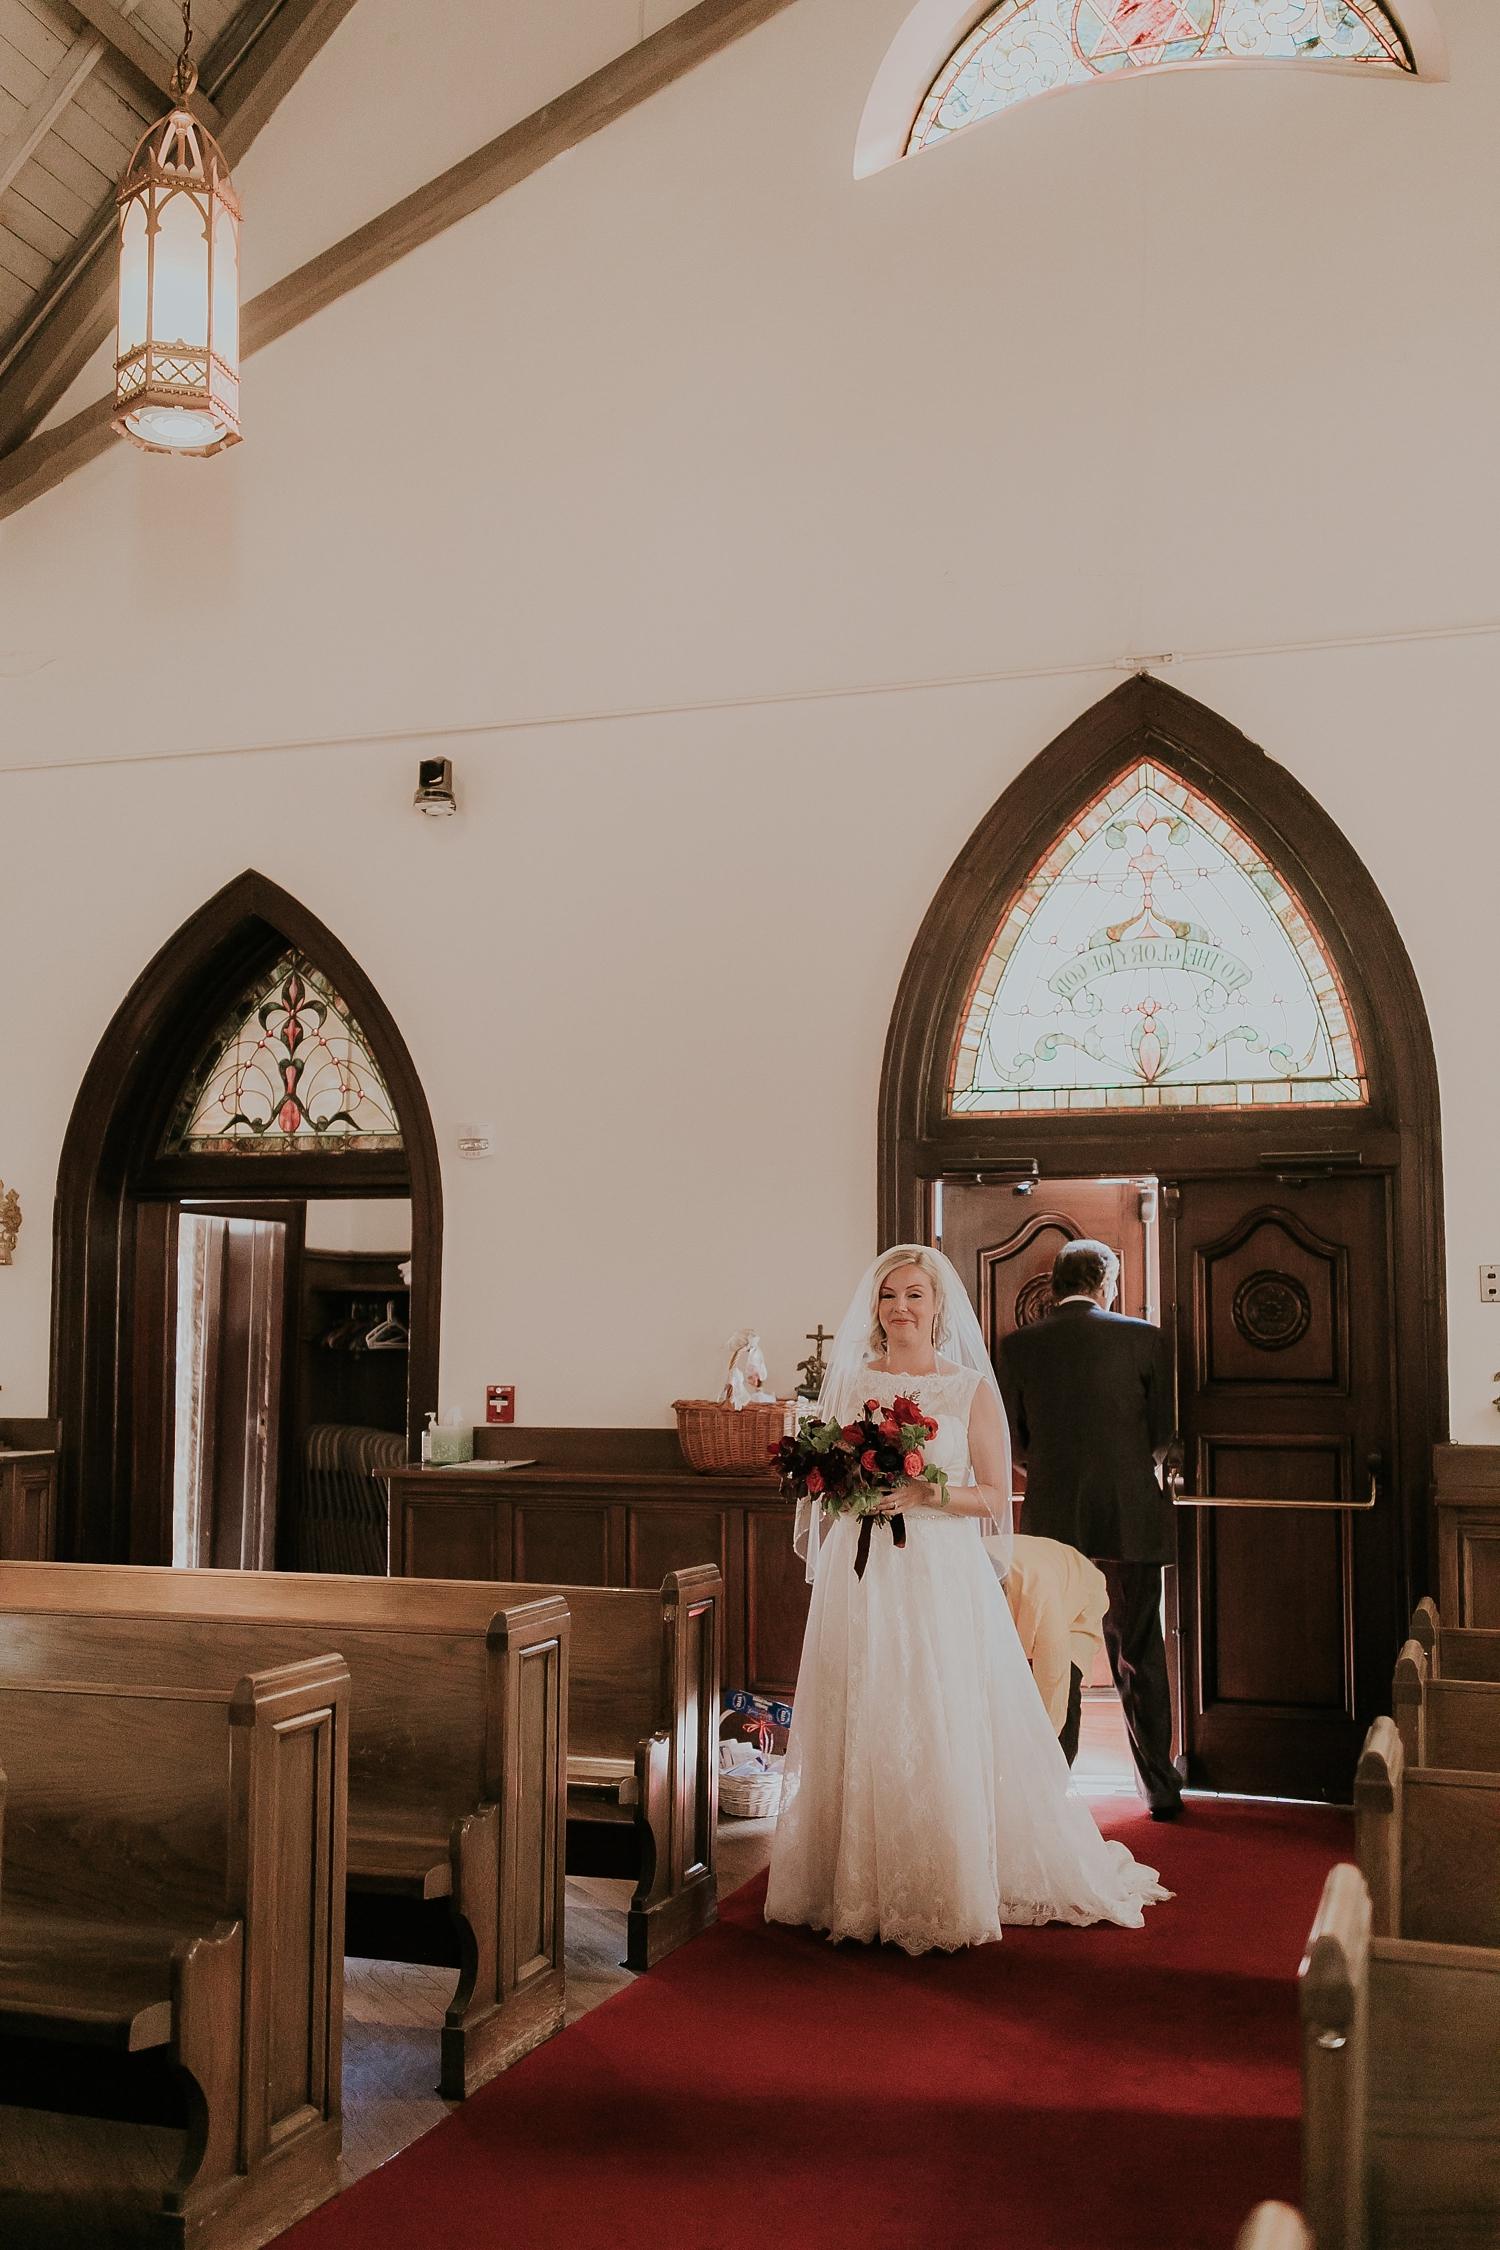 Alicia+lucia+photography+-+albuquerque+wedding+photographer+-+santa+fe+wedding+photography+-+new+mexico+wedding+photographer+-+la+fonda+wedding+-+la+fonda+fall+wedding+-+intimate+la+fonda+wedding_0019.jpg